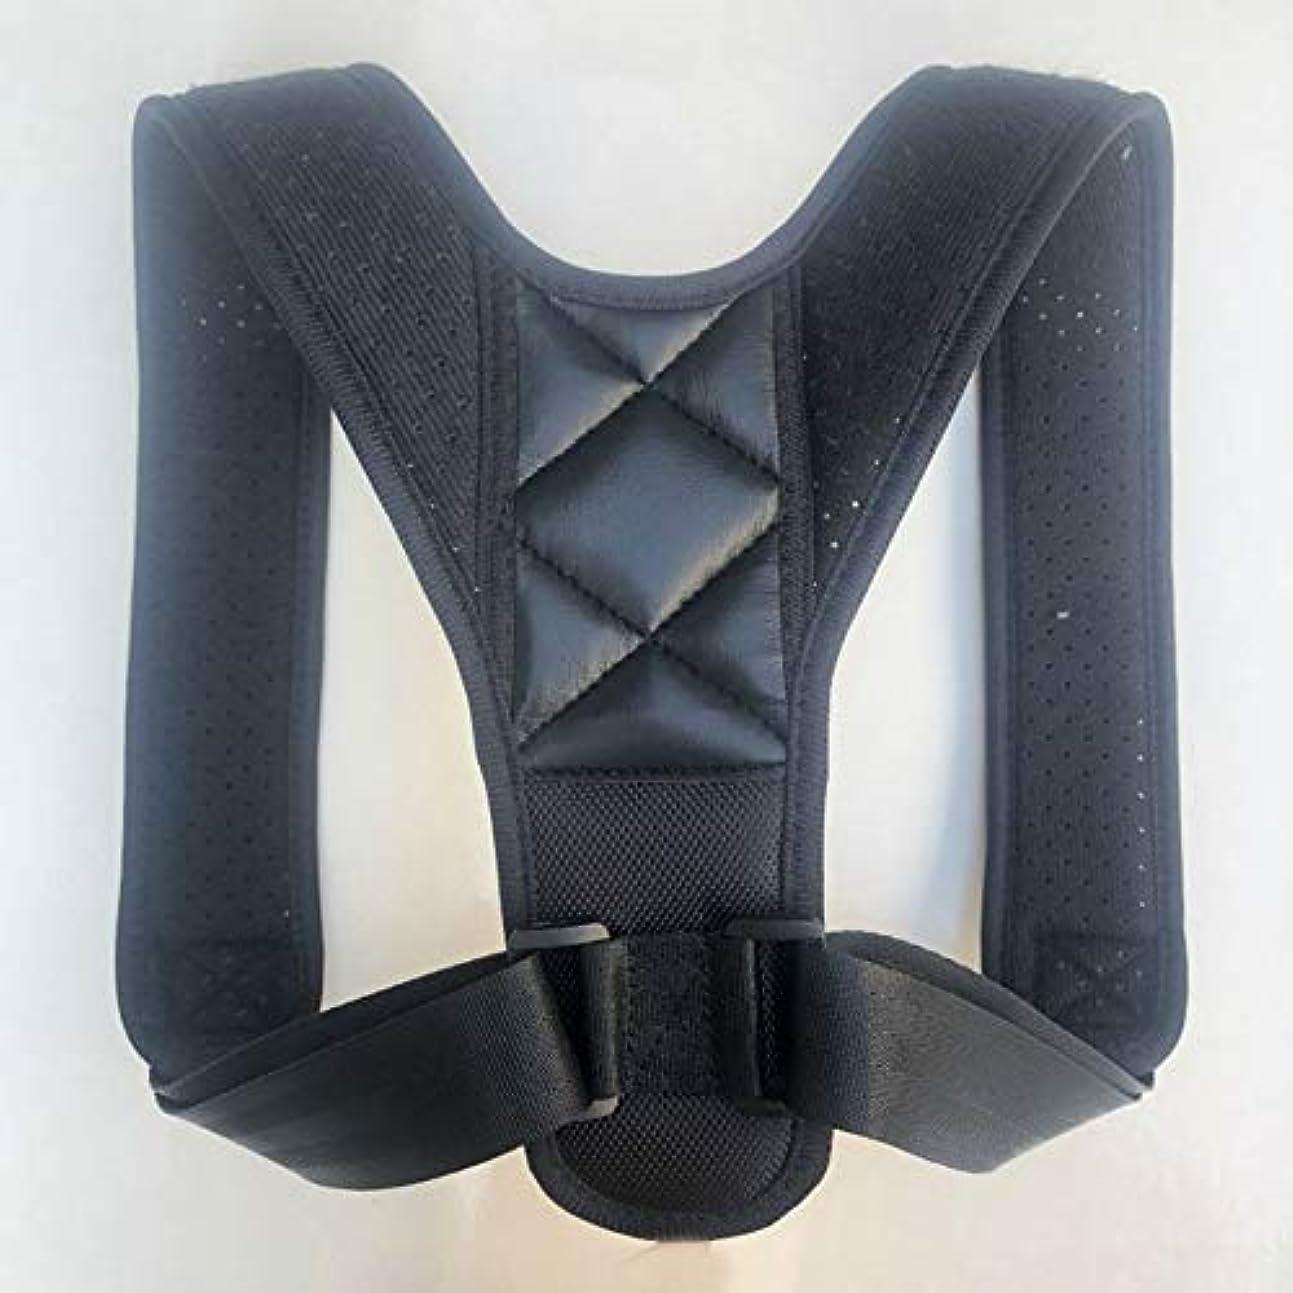 真実相対性理論寛容なUpper Back Posture Corrector Posture Clavicle Support Corrector Back Straight Shoulders Brace Strap Corrector